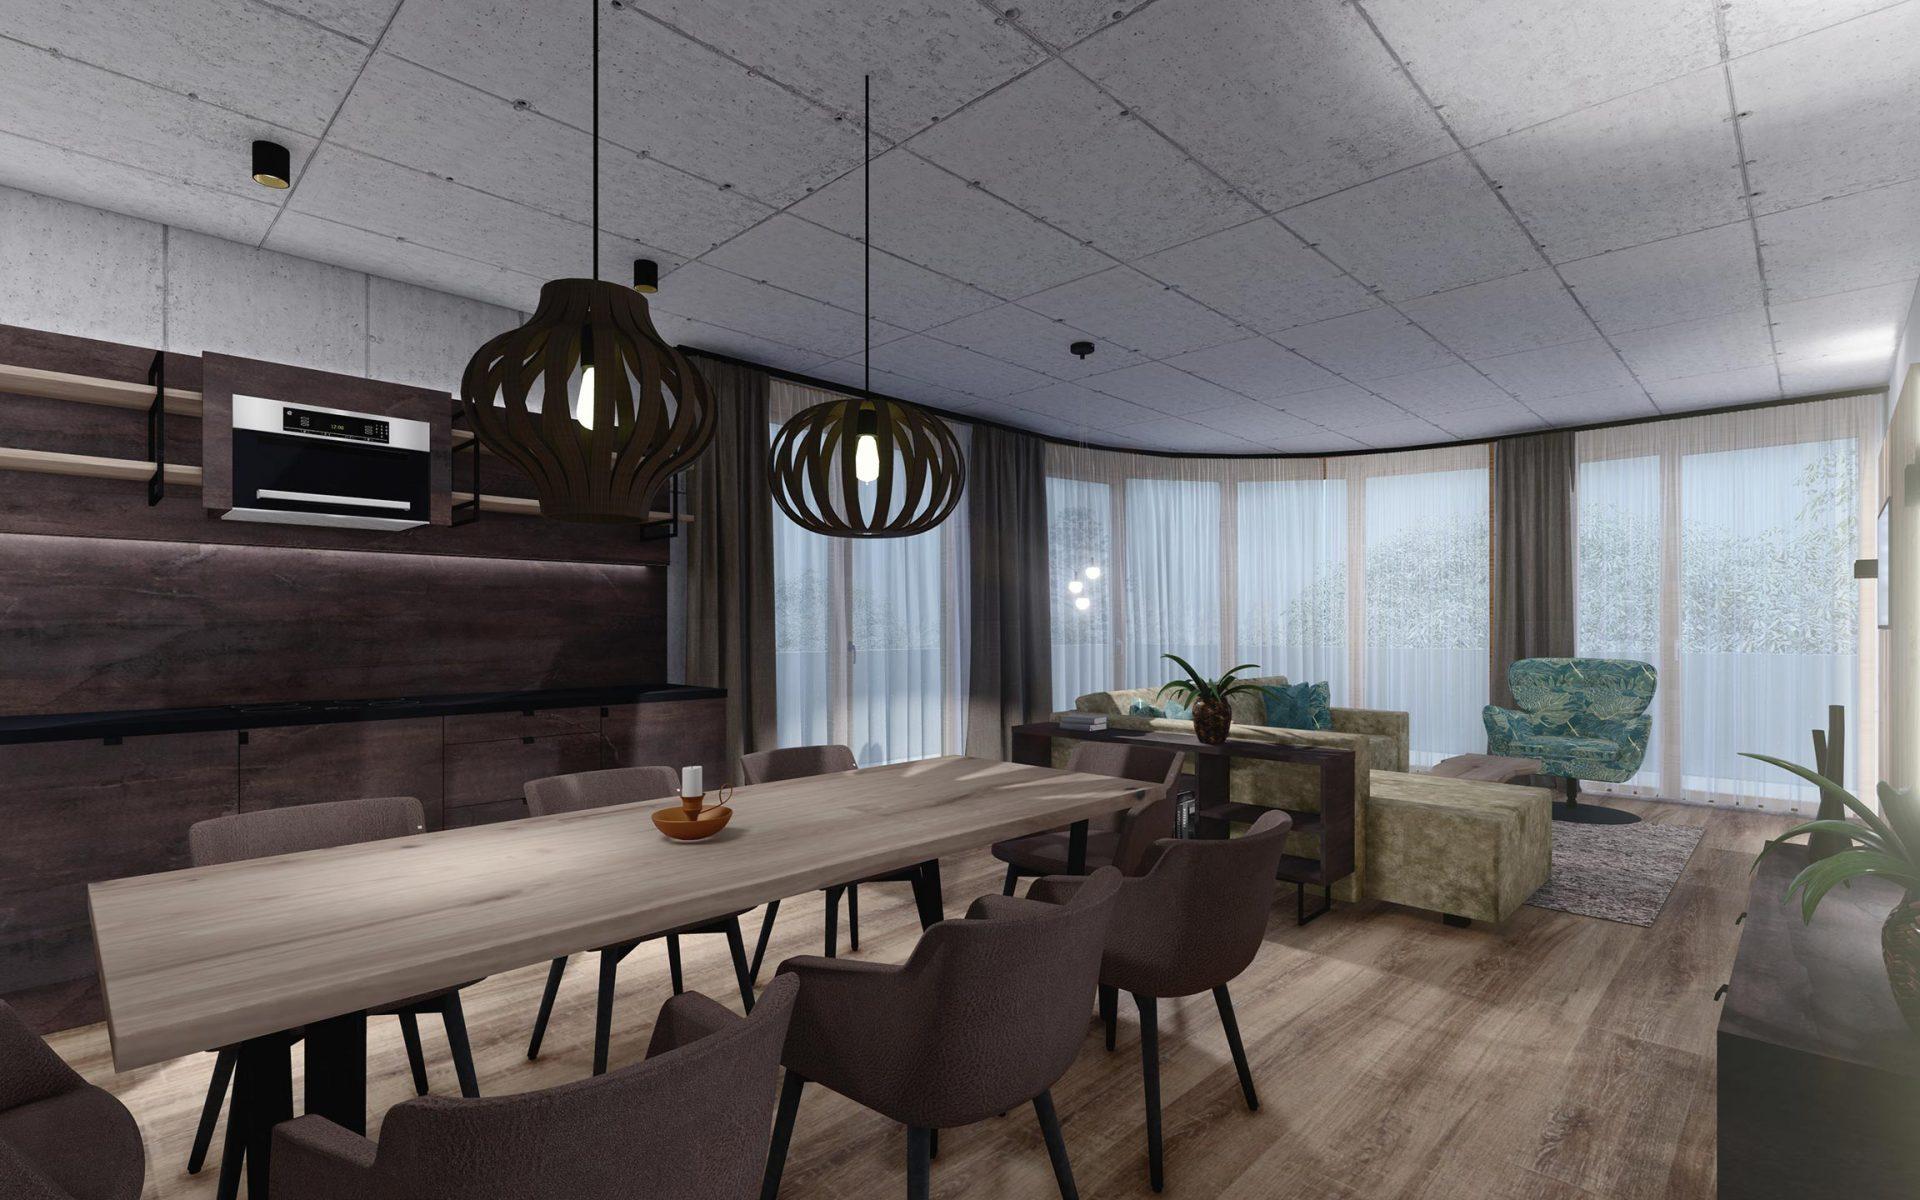 Genießen Sie Urlaub pur in unseren neuen Lifestyle Appartements im Zentrum von Mayrhofen. Unsere Philosophie: Luxuriöser 4 Sterne Komfort, stilvolles Design kombiniert mit Alpinen Lifestyle Elementen. Viel Glas, Sichtbeton, Altholz und edle Stoffe prägen die modern-alpine Architektur der Appartements.